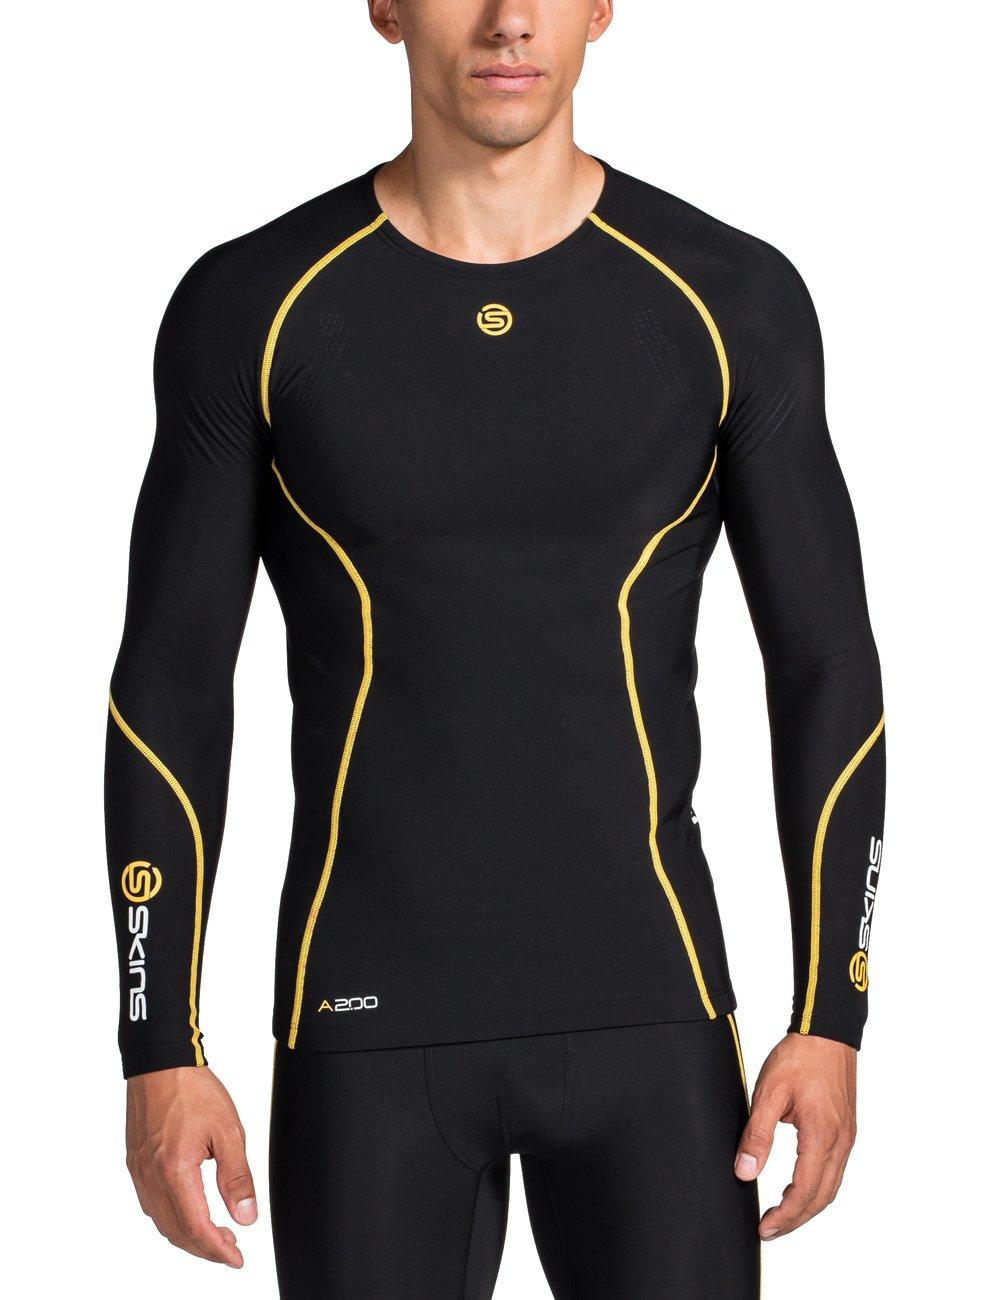 Skins Herren A200 Thermal Mens Long Sleeve Top RoundNeck